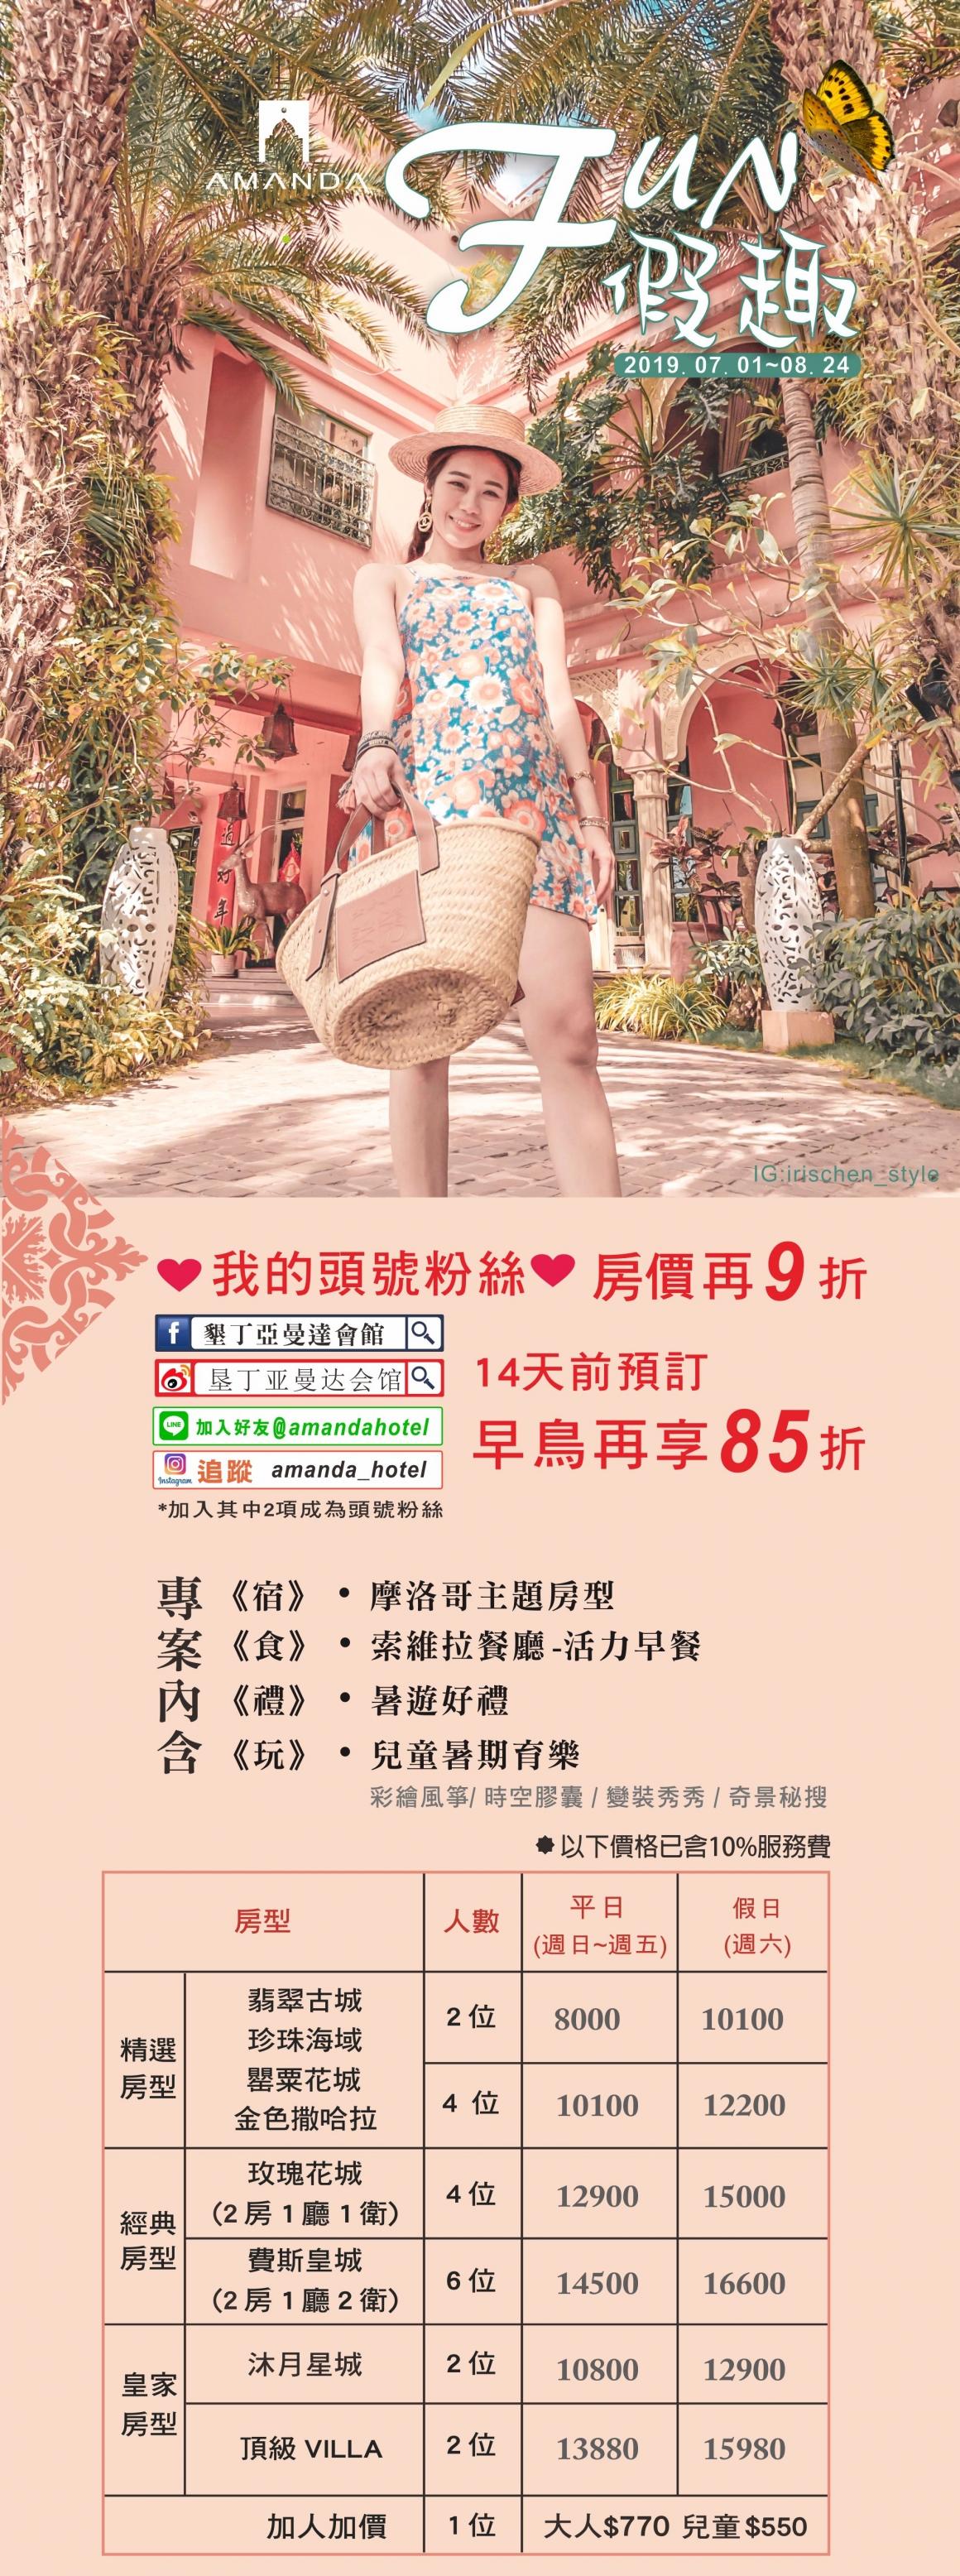 2019暑假專案-官